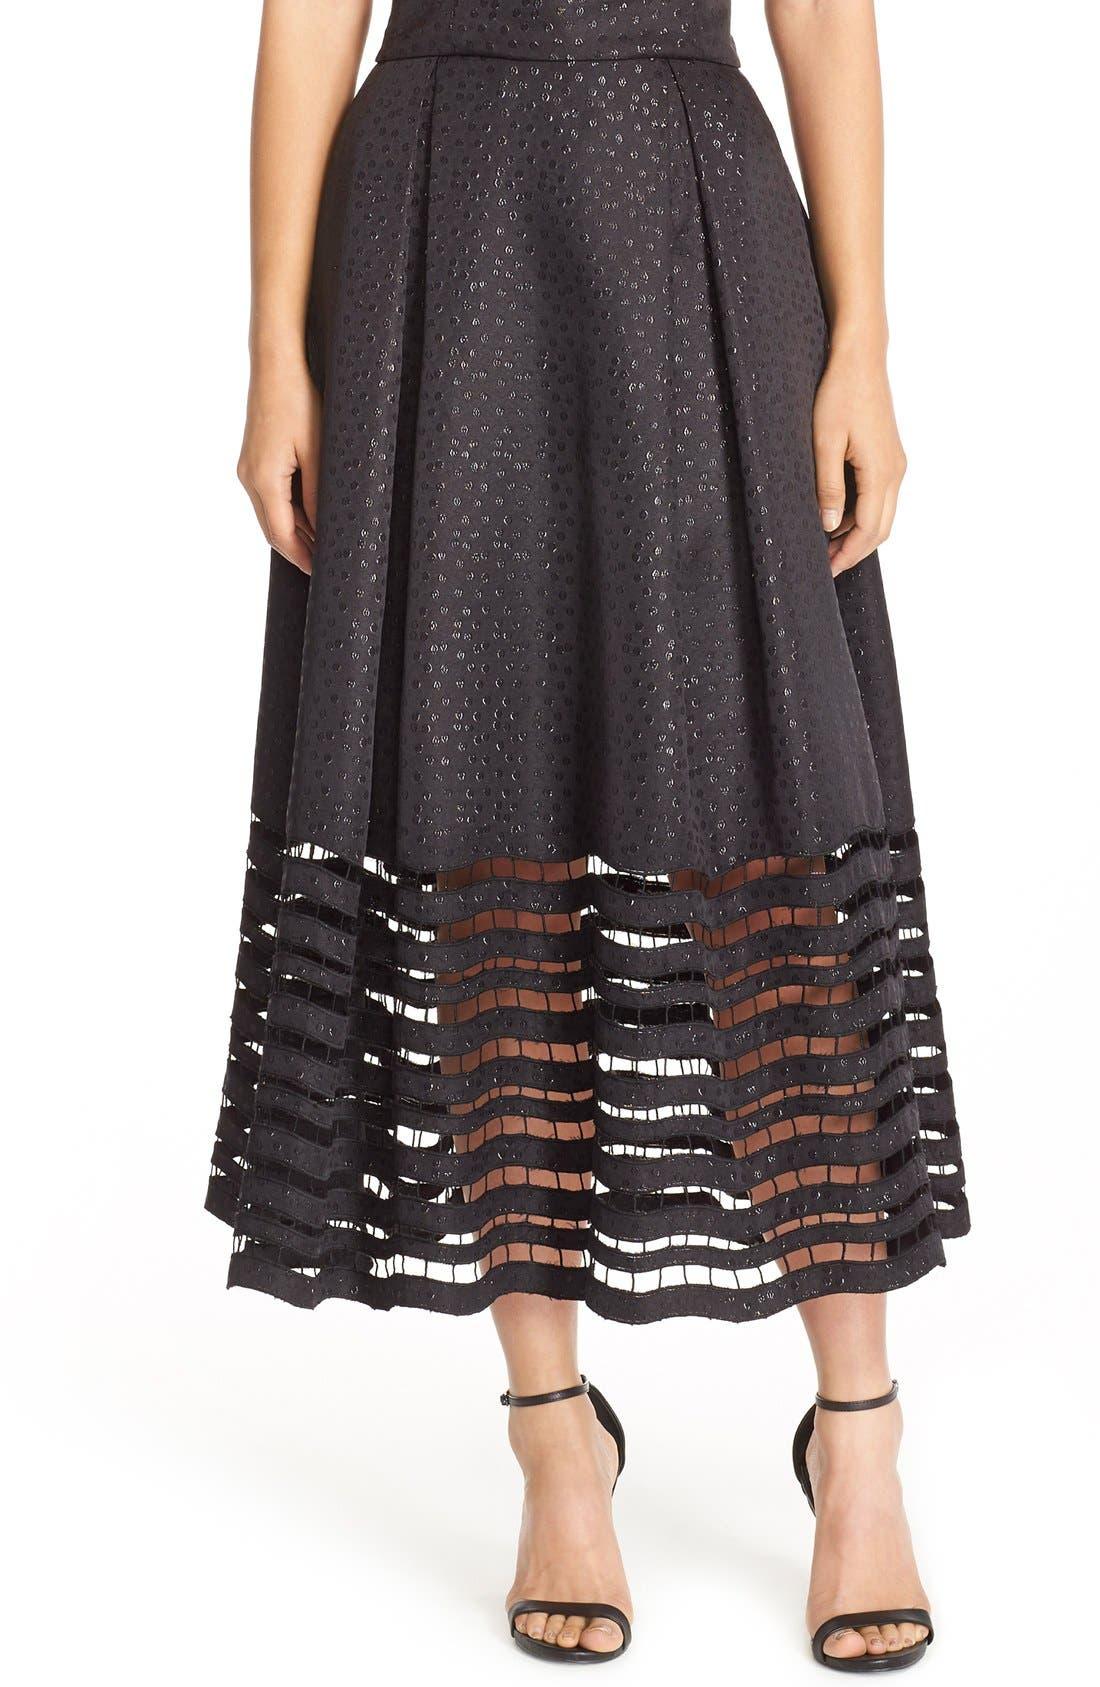 Alternate Image 1 Selected - Sachin & Babi Noir 'Dutch' Eyelet Metallic Jacquard Ball Skirt